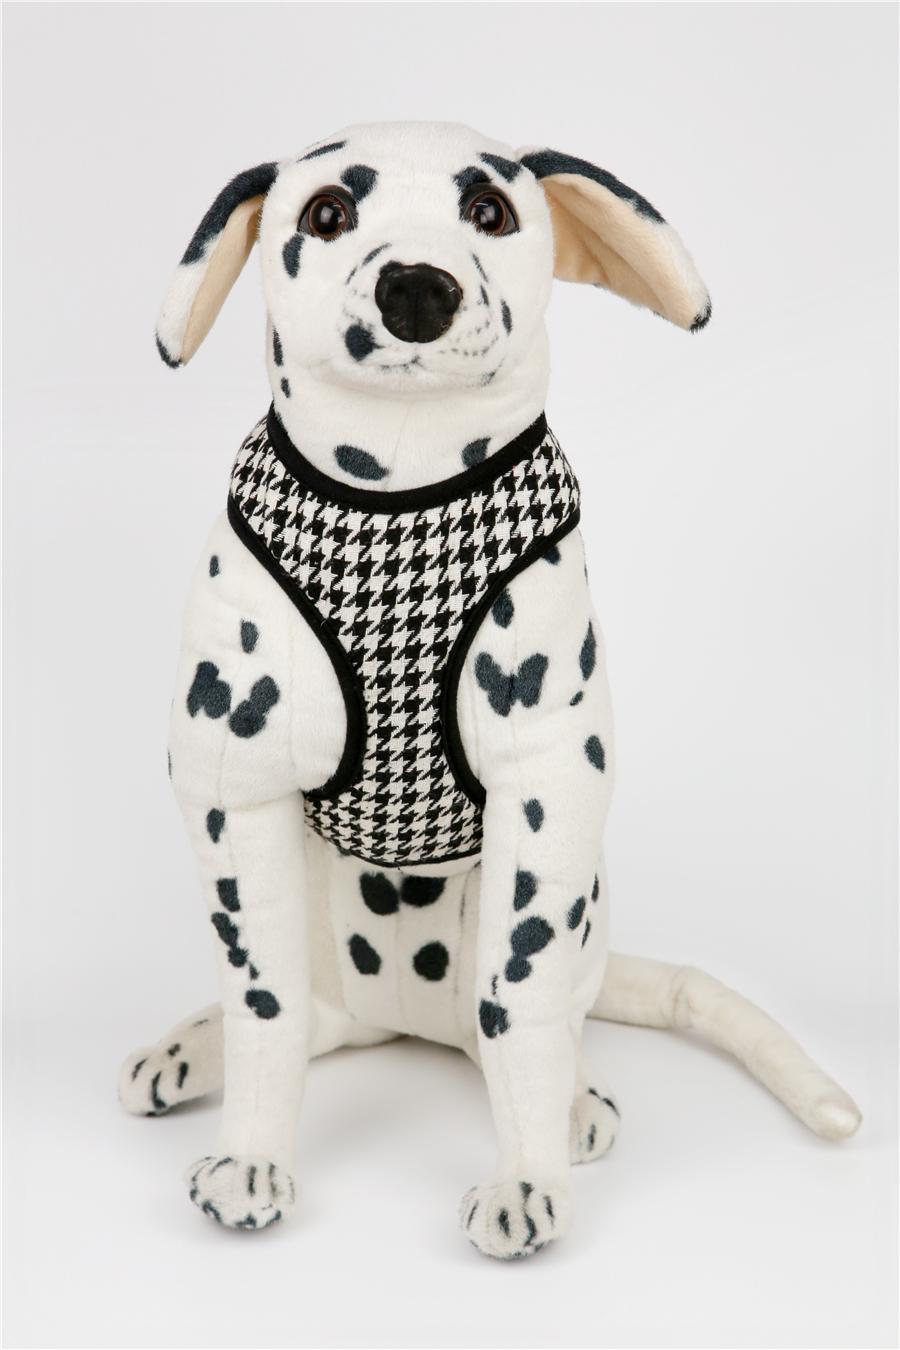 Customized I-Shaped Dog Harness